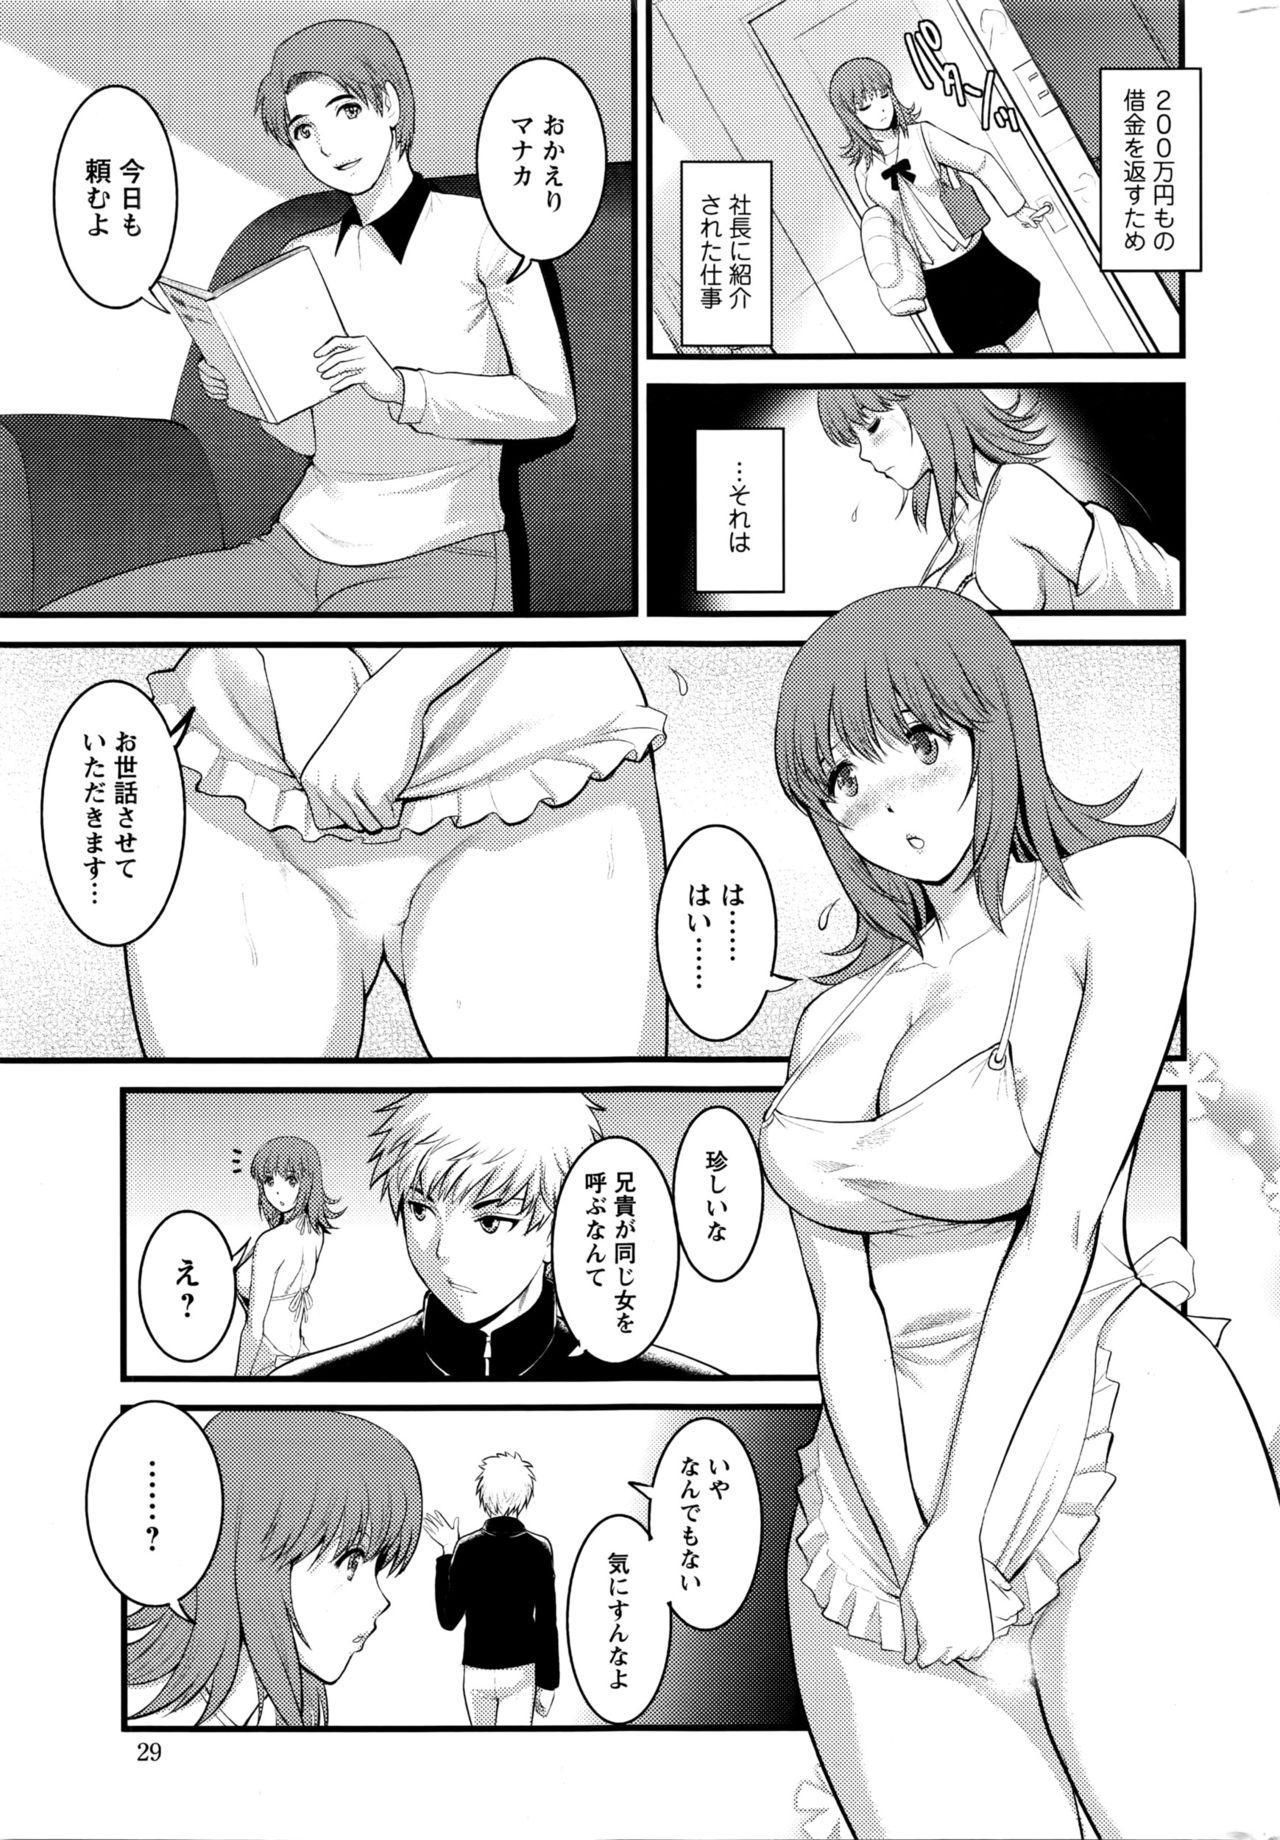 [Saigado] Part time Manaka-san 2nd Ch. 1-3 24